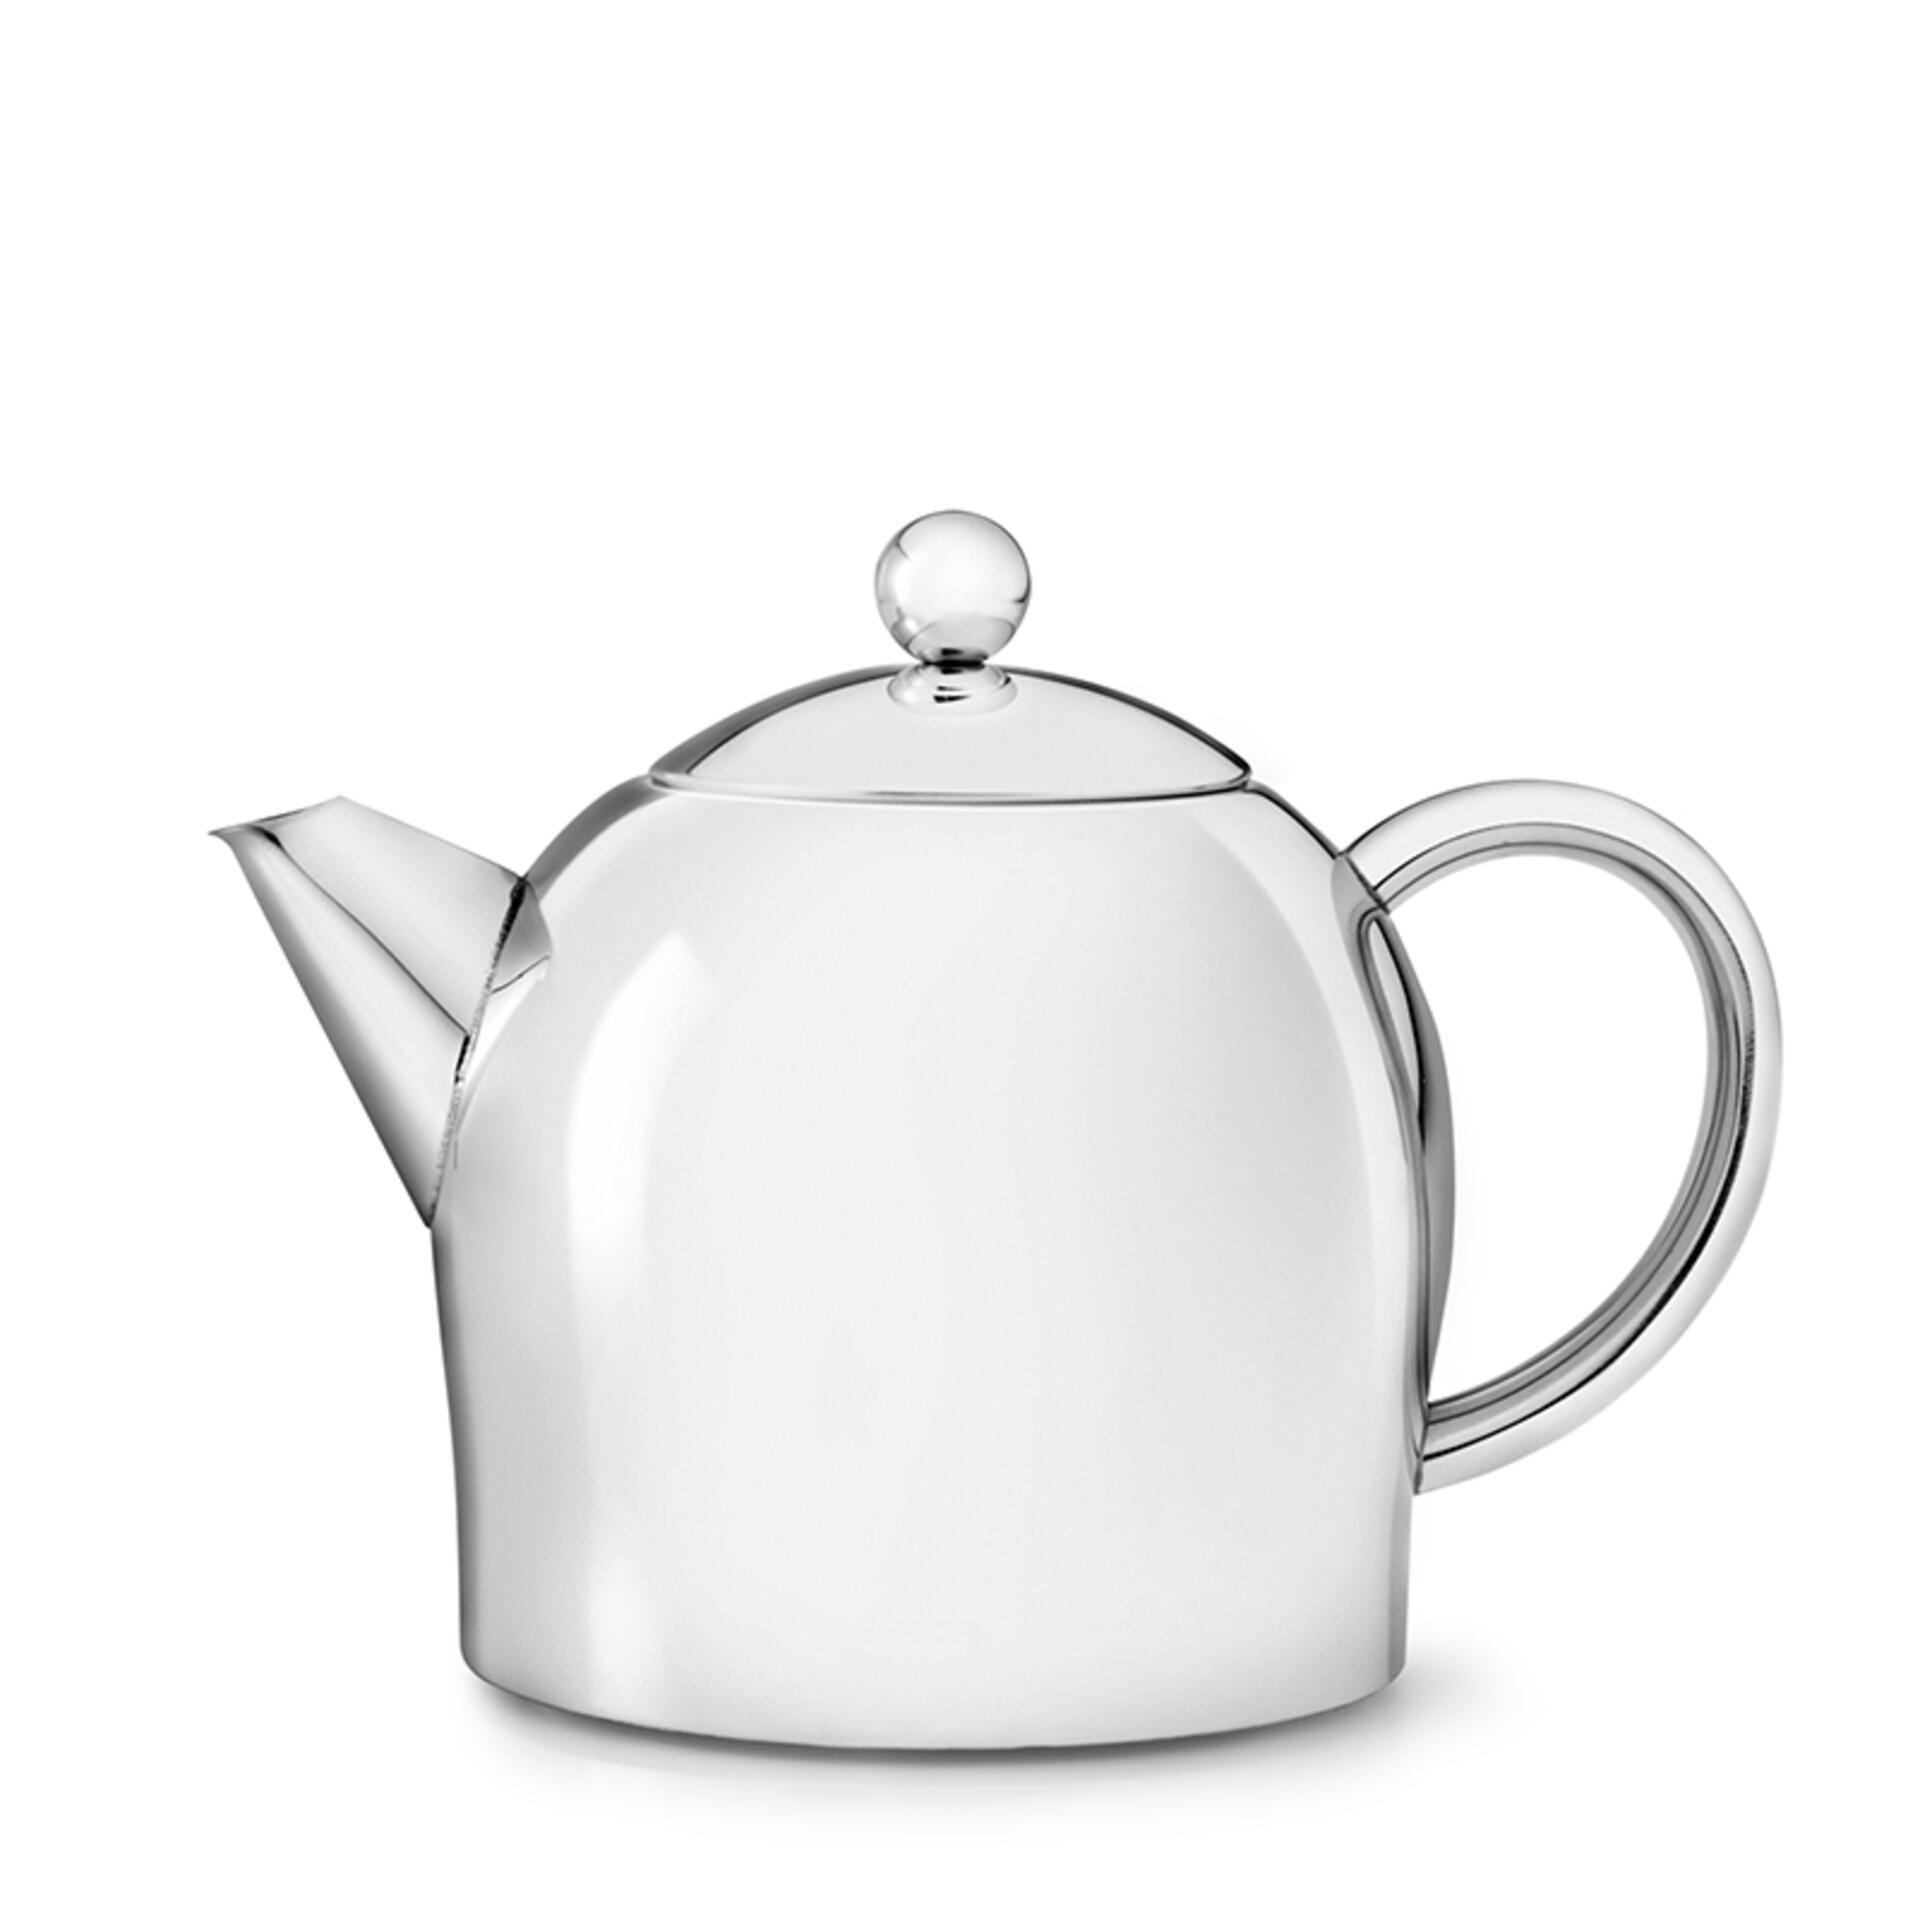 Bredemeijer Teekanne Minuet Santhee 0,5 l